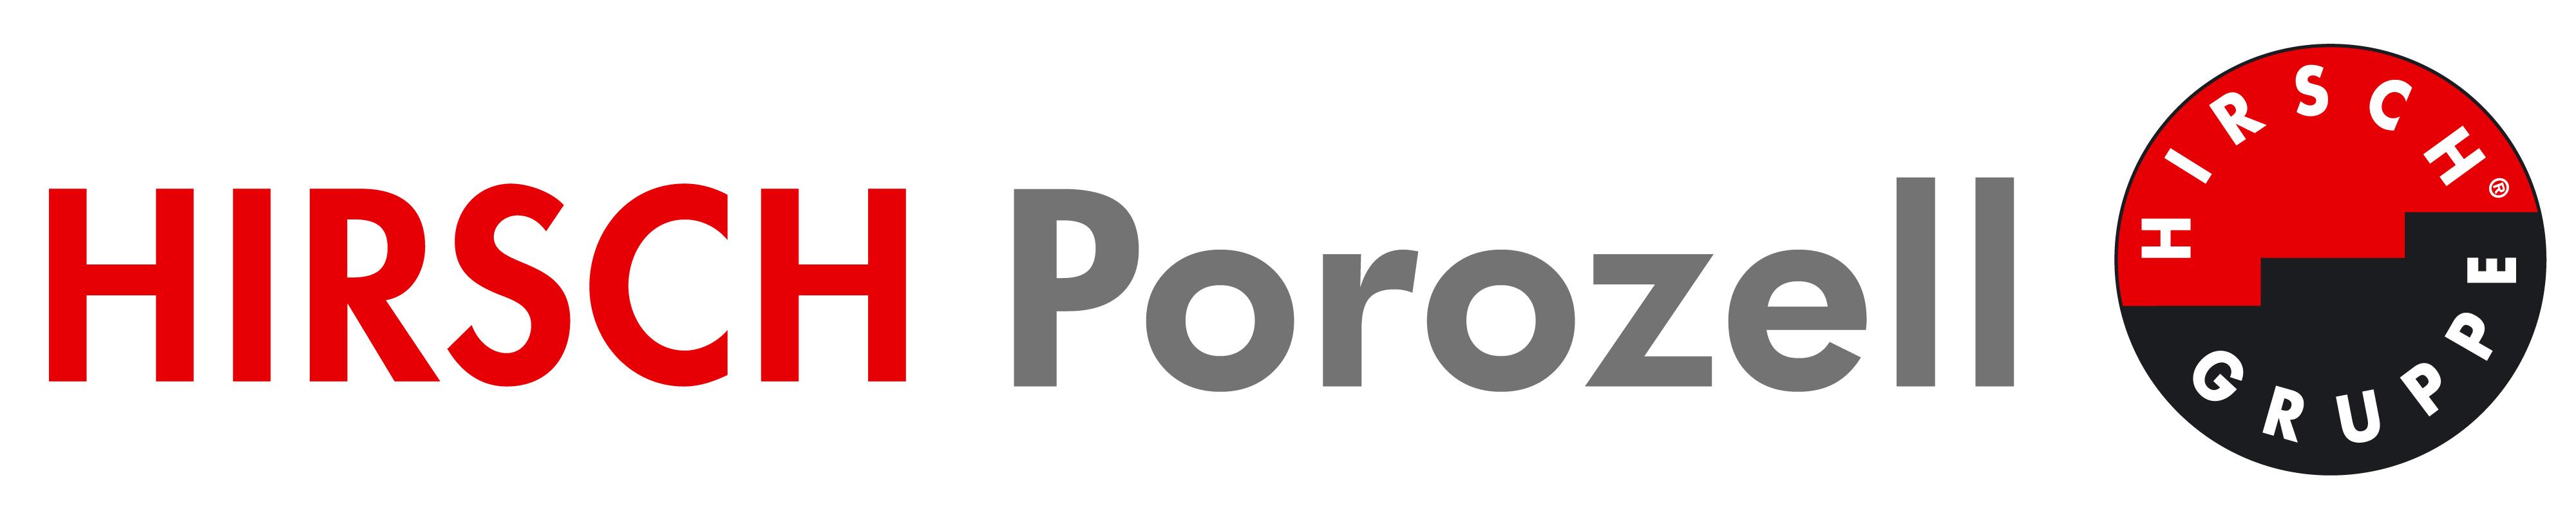 Hirsch Porozell